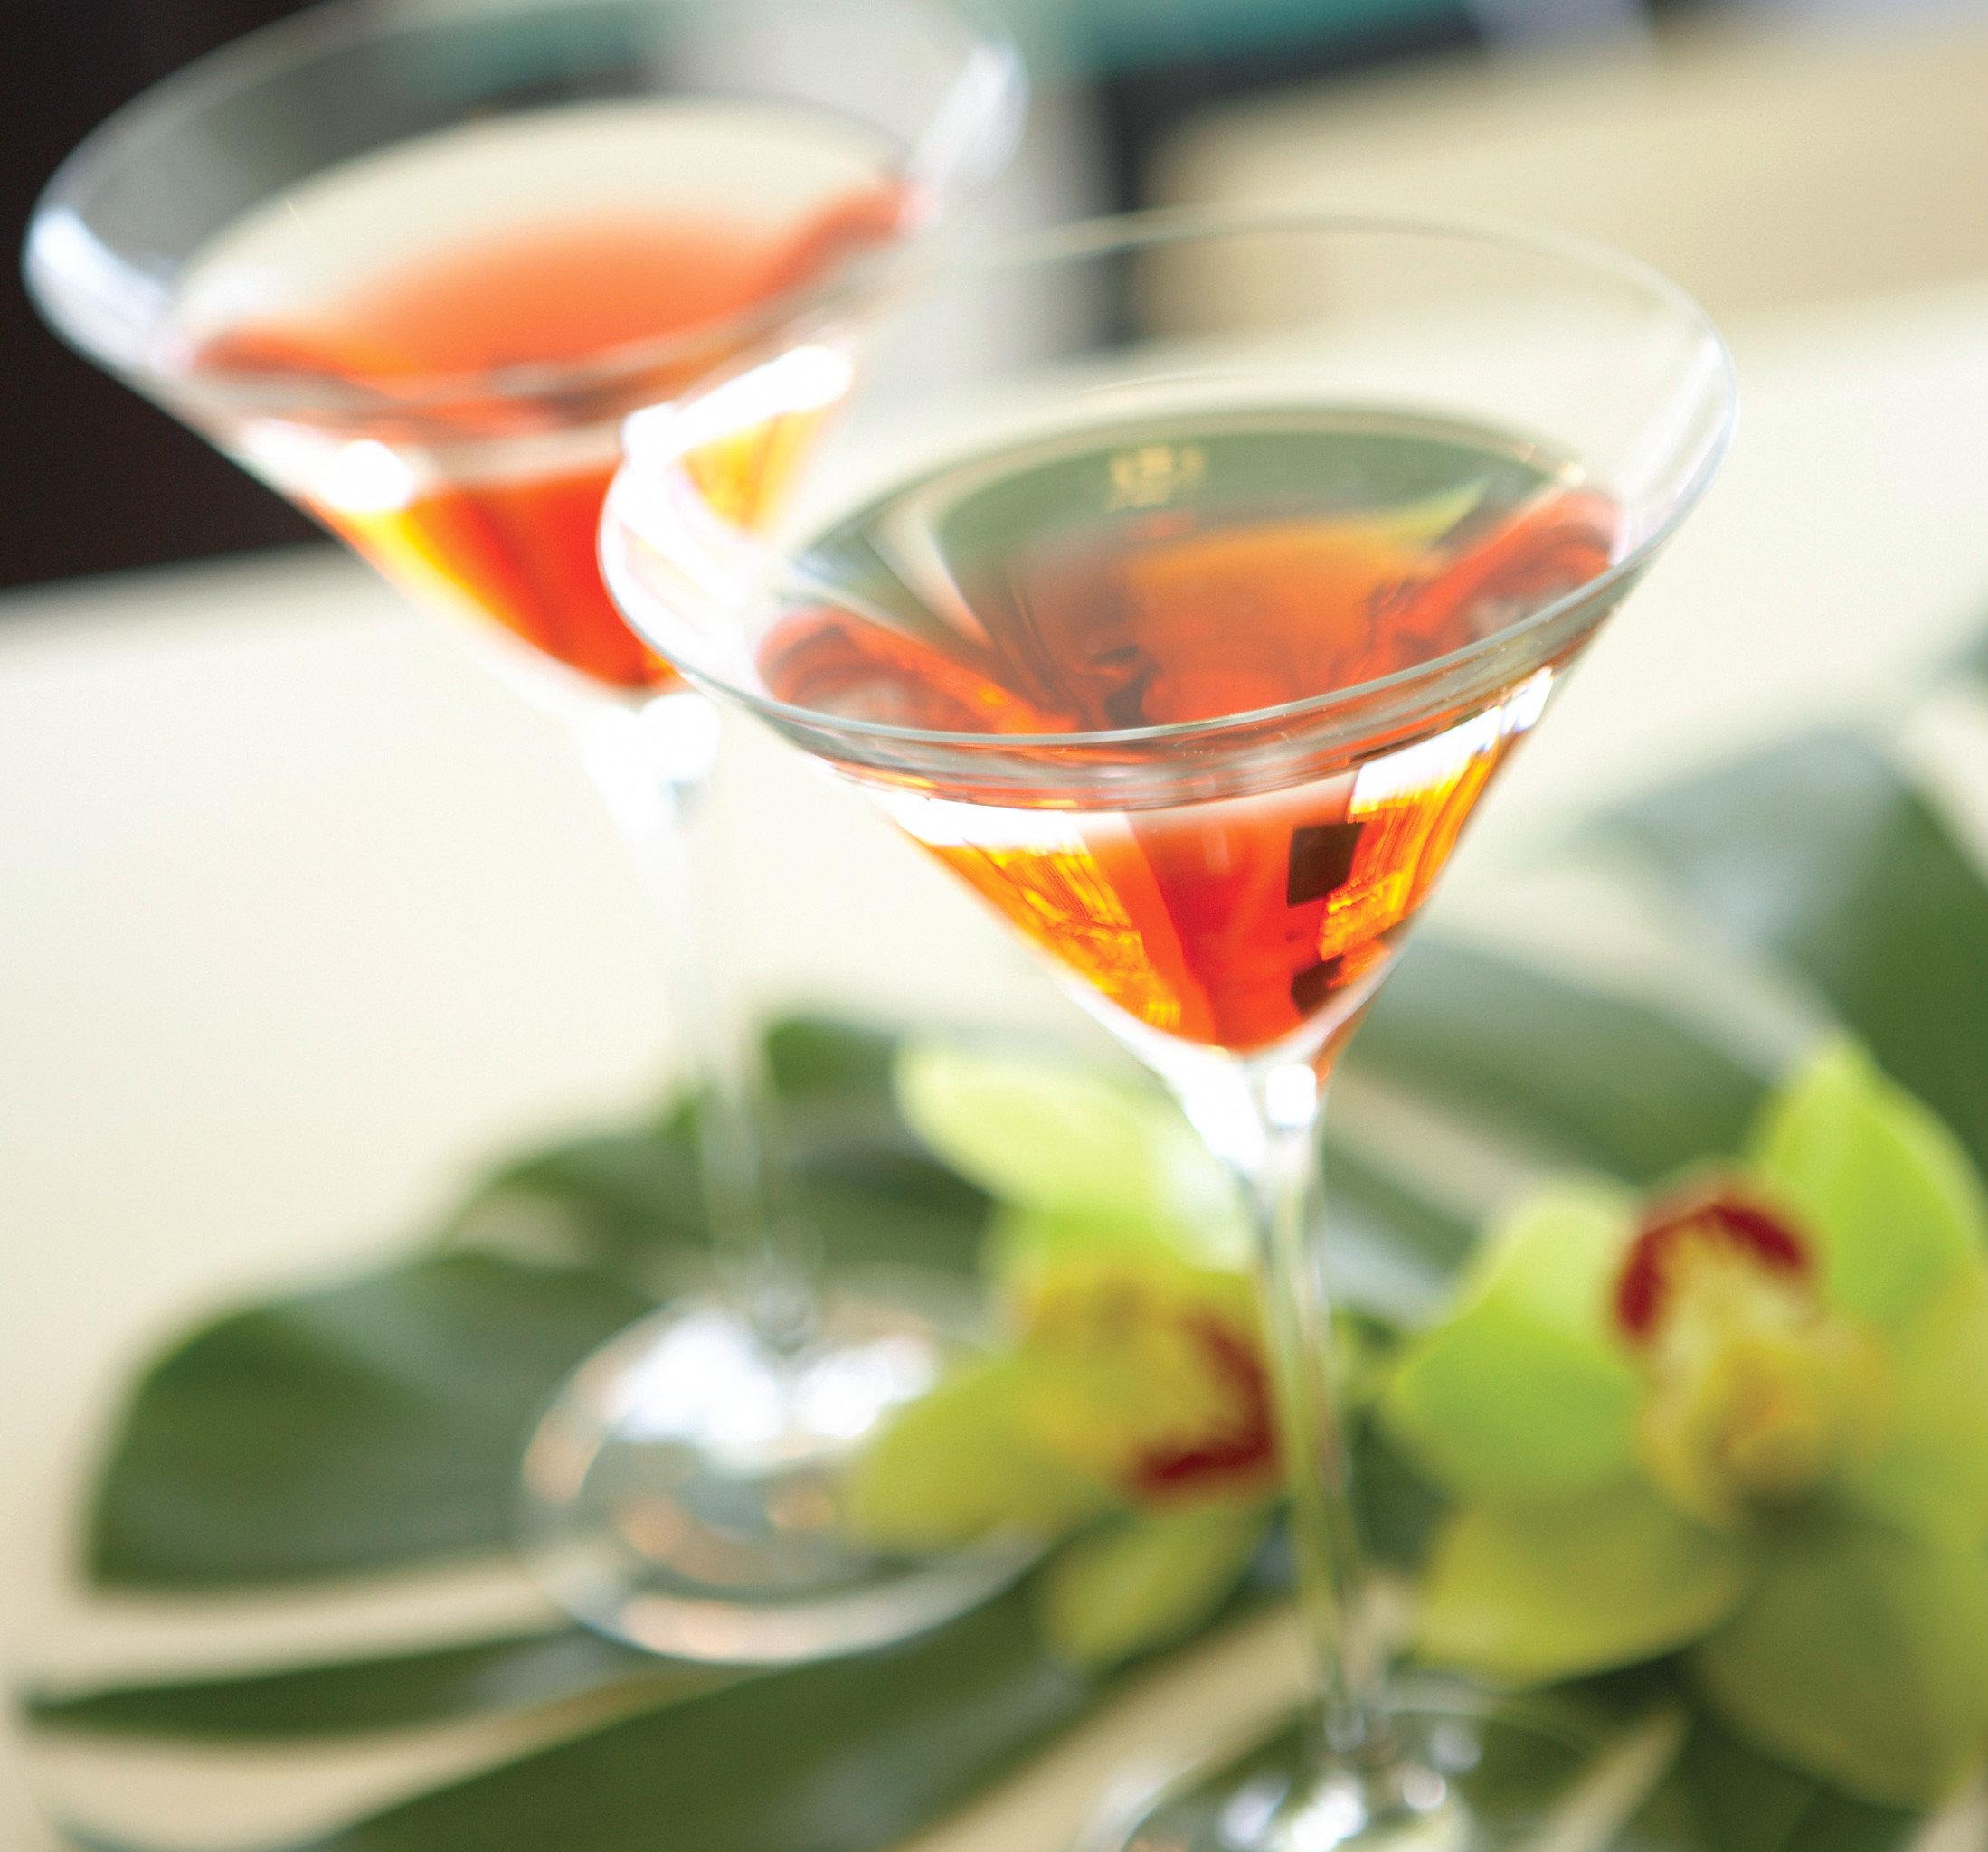 Drink alcoholic beverage cocktail food martini beverage liqueur negroni distilled beverage close